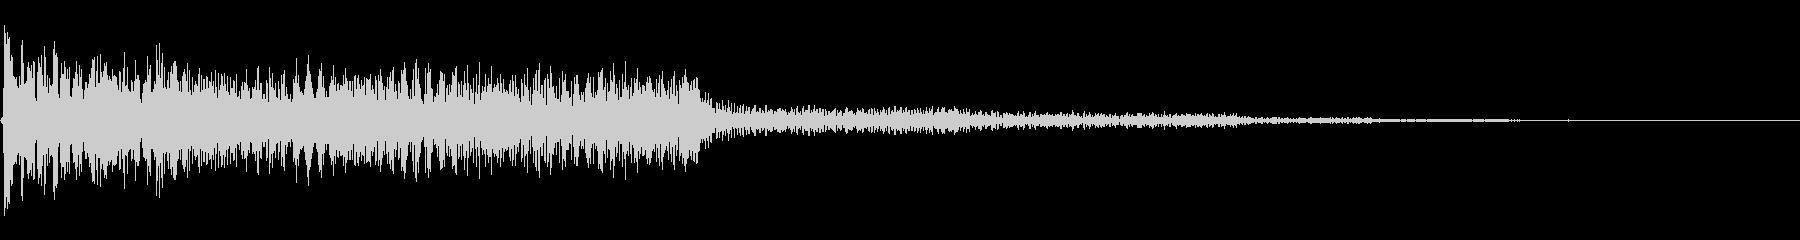 クラシックギターのジングルの未再生の波形